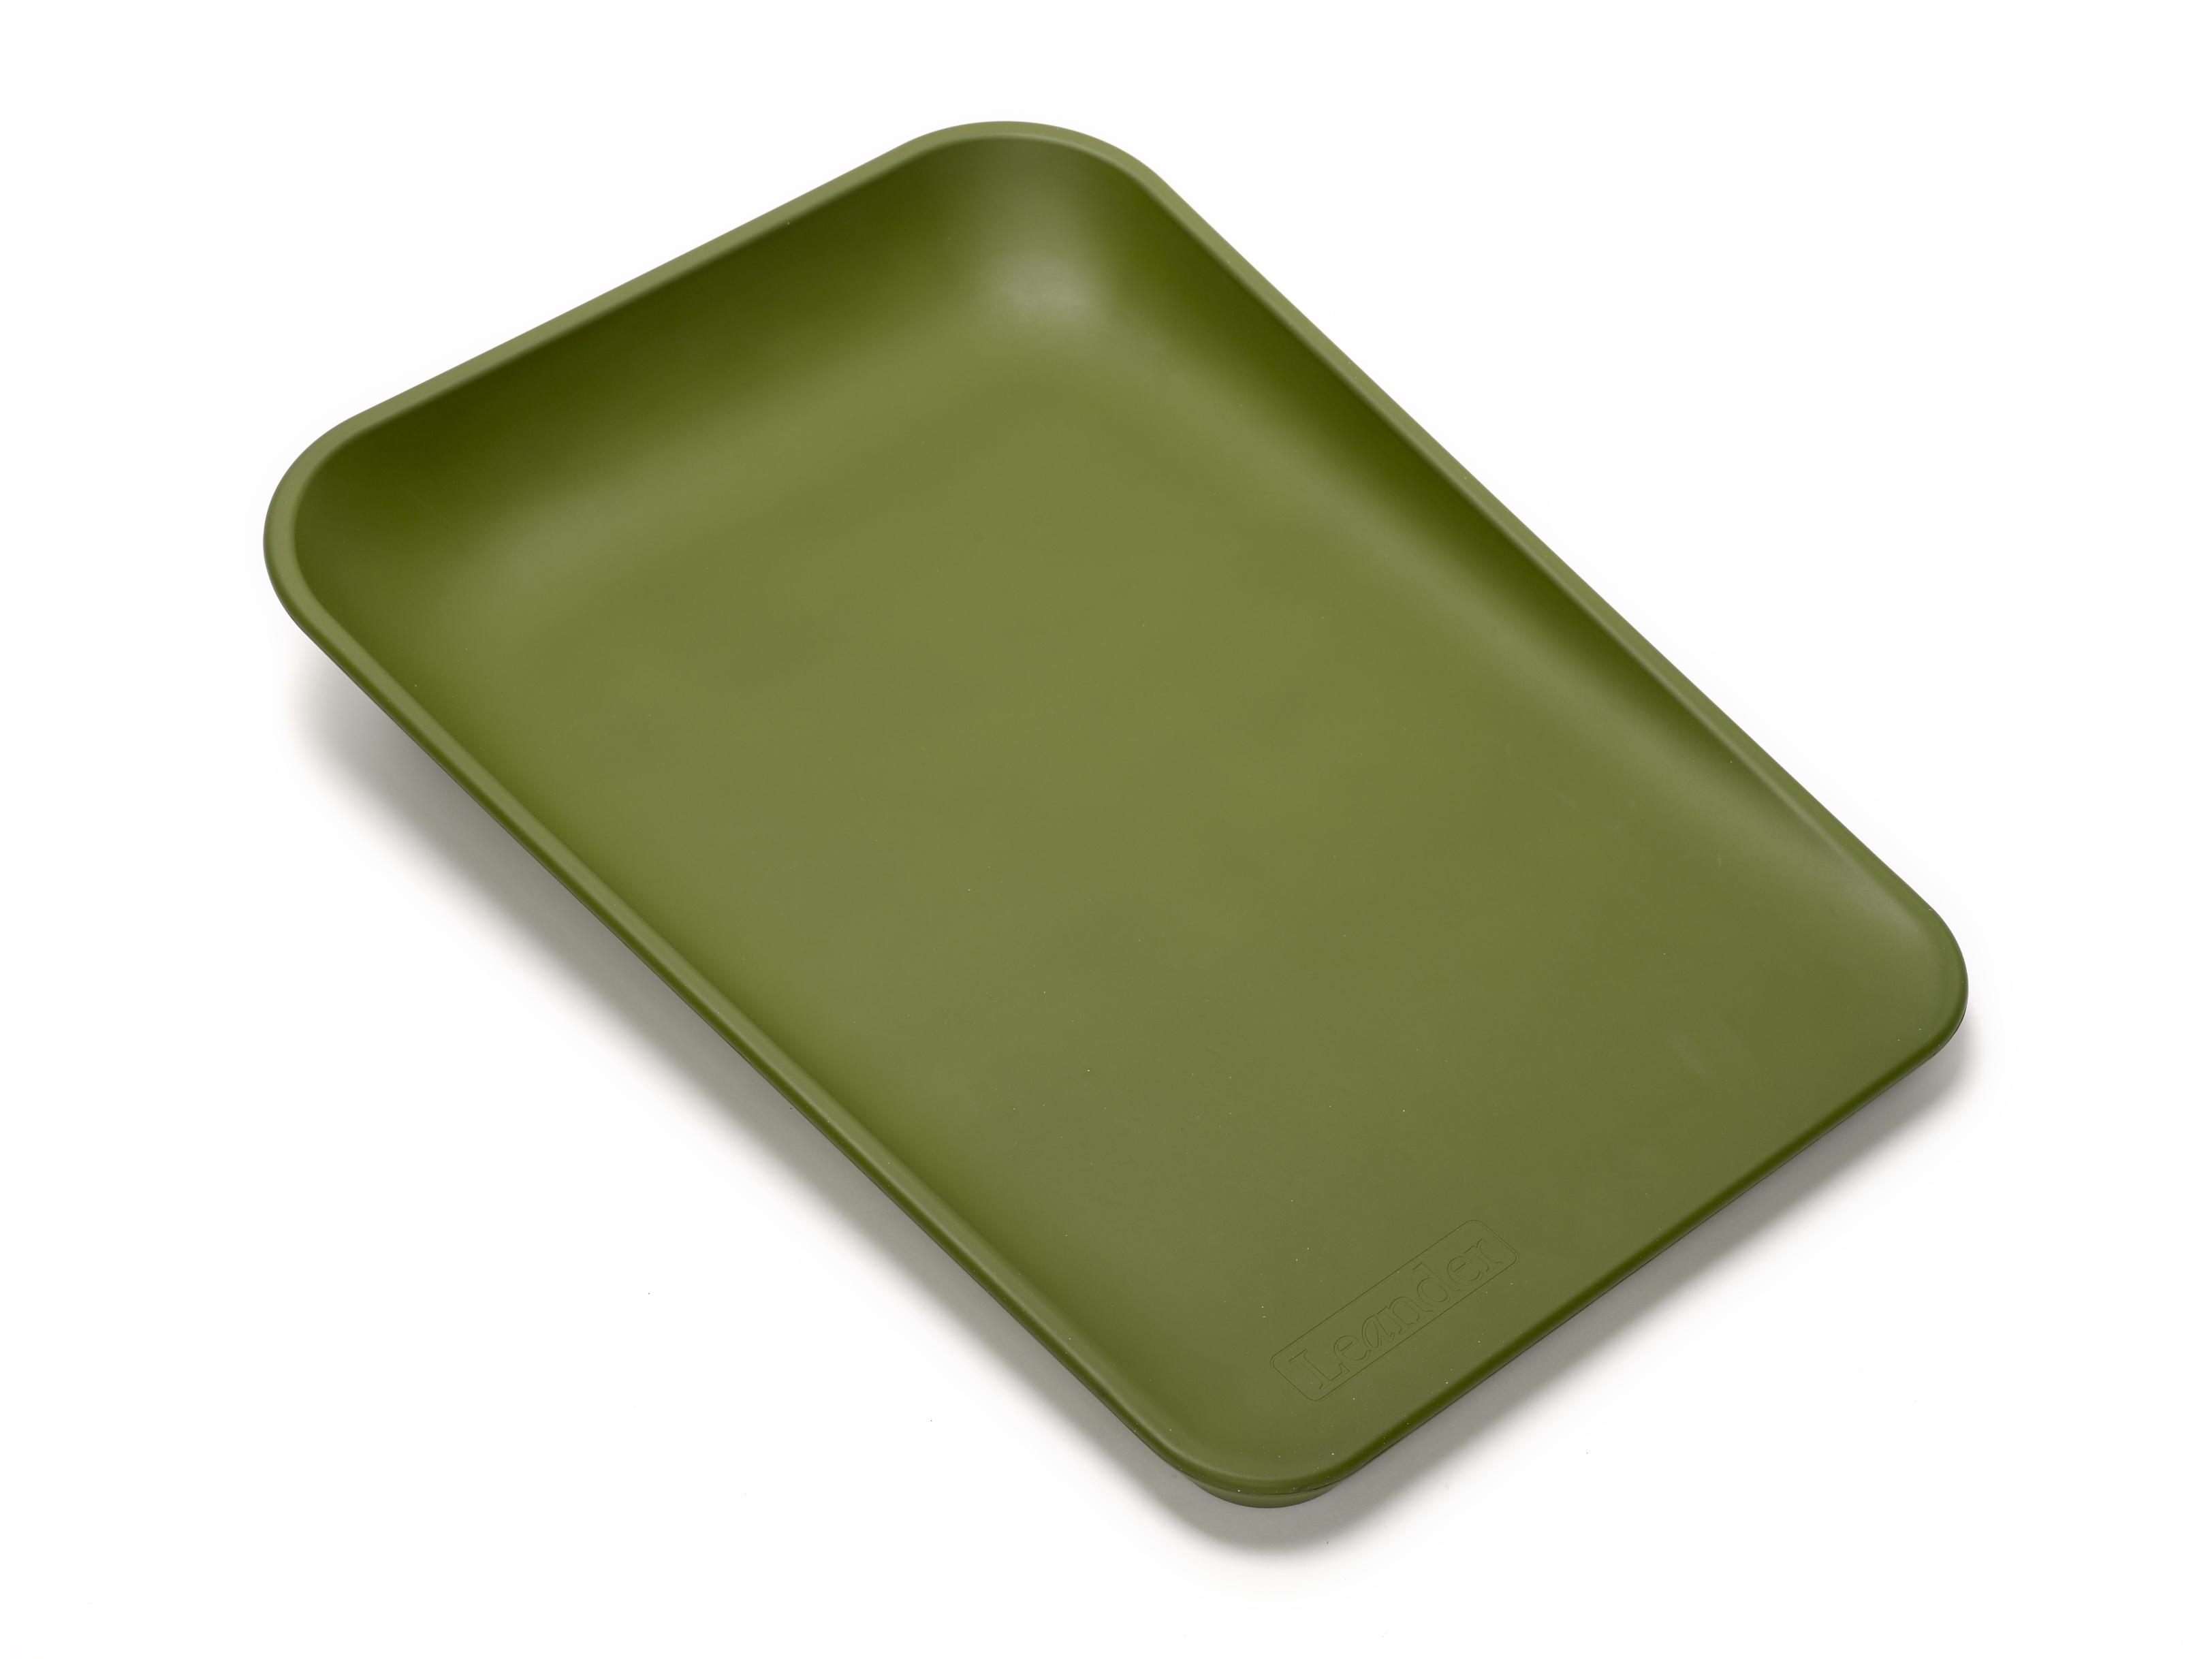 Leander – Leander matty puslepude - dusty green, 2 stk. på lager fra pixizoo